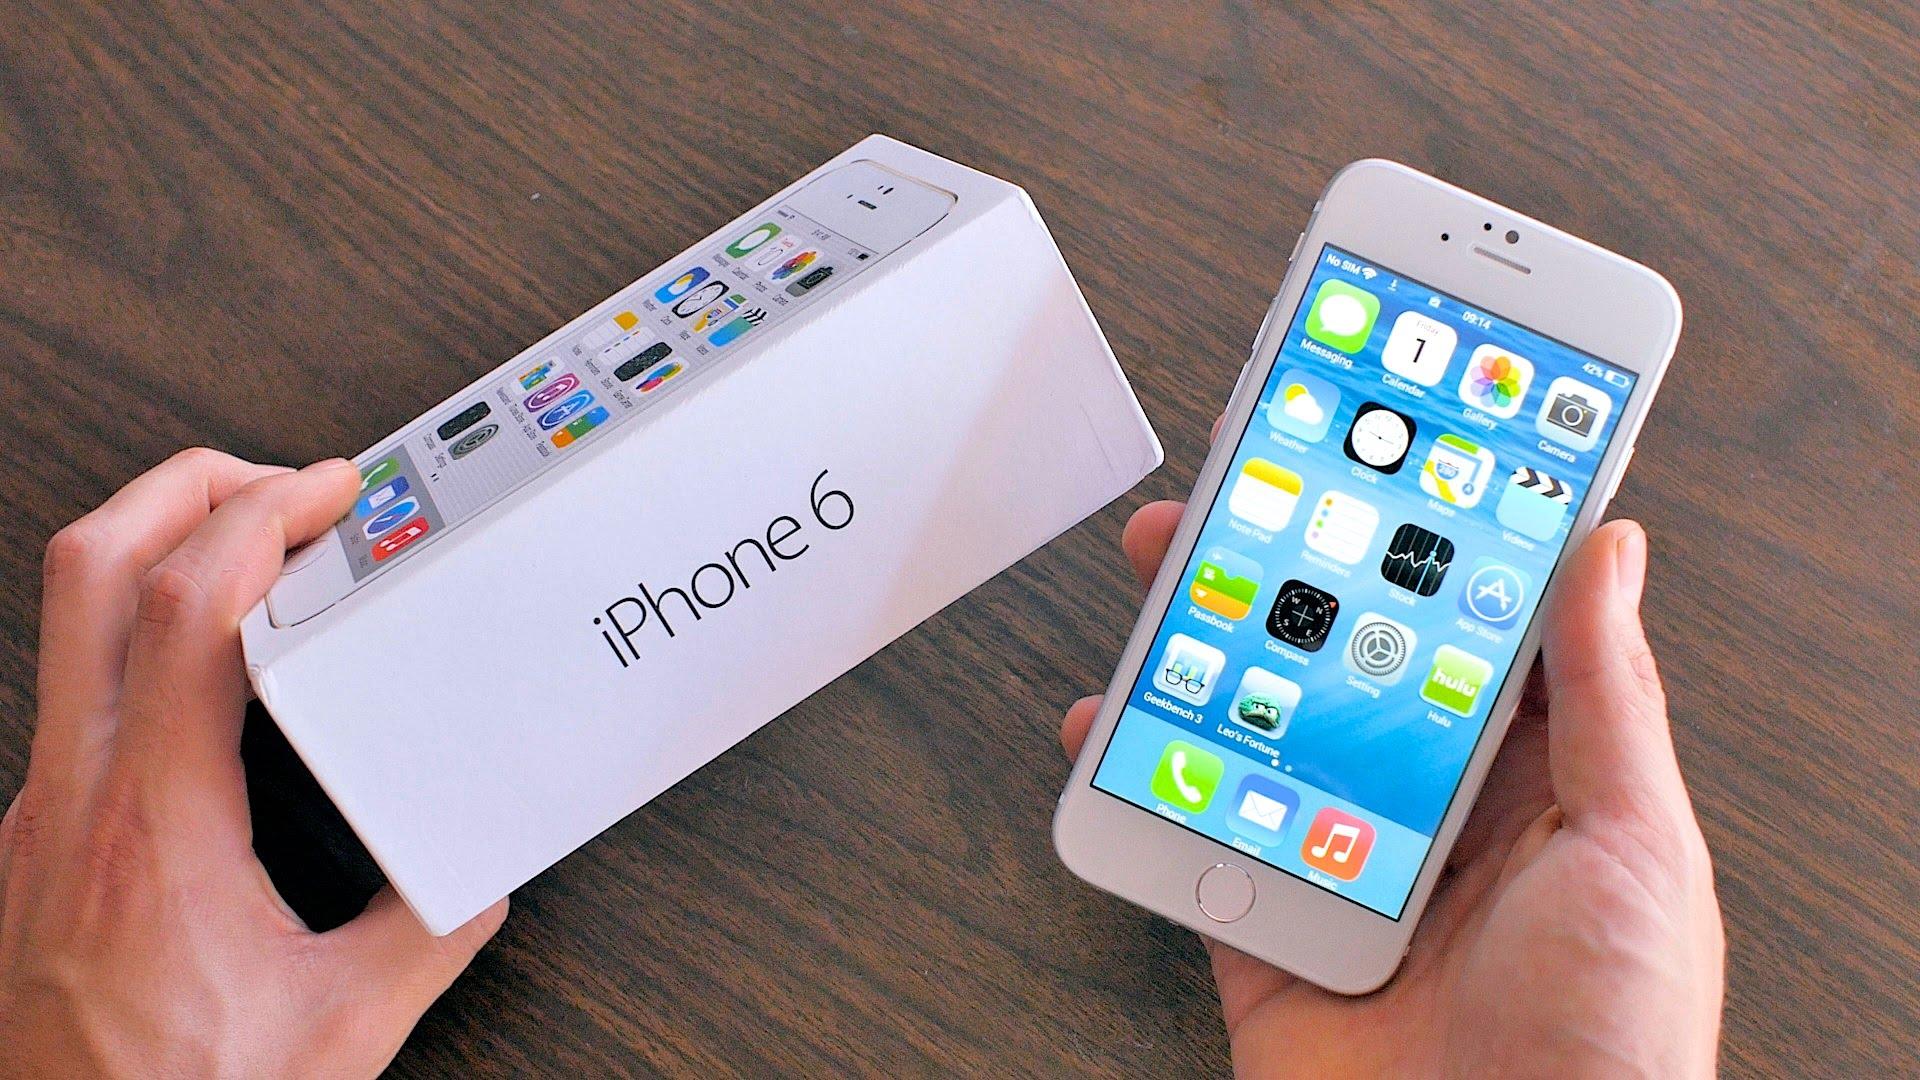 近期有关iPhone自动关机的情况引发网友热议,大量用户在微博、微信平台表示遭遇类似情况。记者11月13日致电苹果官方维修点,其工作人员表示目前主要受影响机型是iPhone 6S和iPhone 6S Plus,其他机型目前并没发现大量案例。至于问题原因,目前并没有确切消息。 伴随天气转冷,苹果手机也开始出现大量问题。众多网友反映,这段时间自己的苹果手机在电量还剩余20%左右时出现自动关机情况。对此,苹果售后工作人员也证实存在这种情况,并表示目前出现问题产品可以返场维修,在保修期内免费,在保修期外则要付费